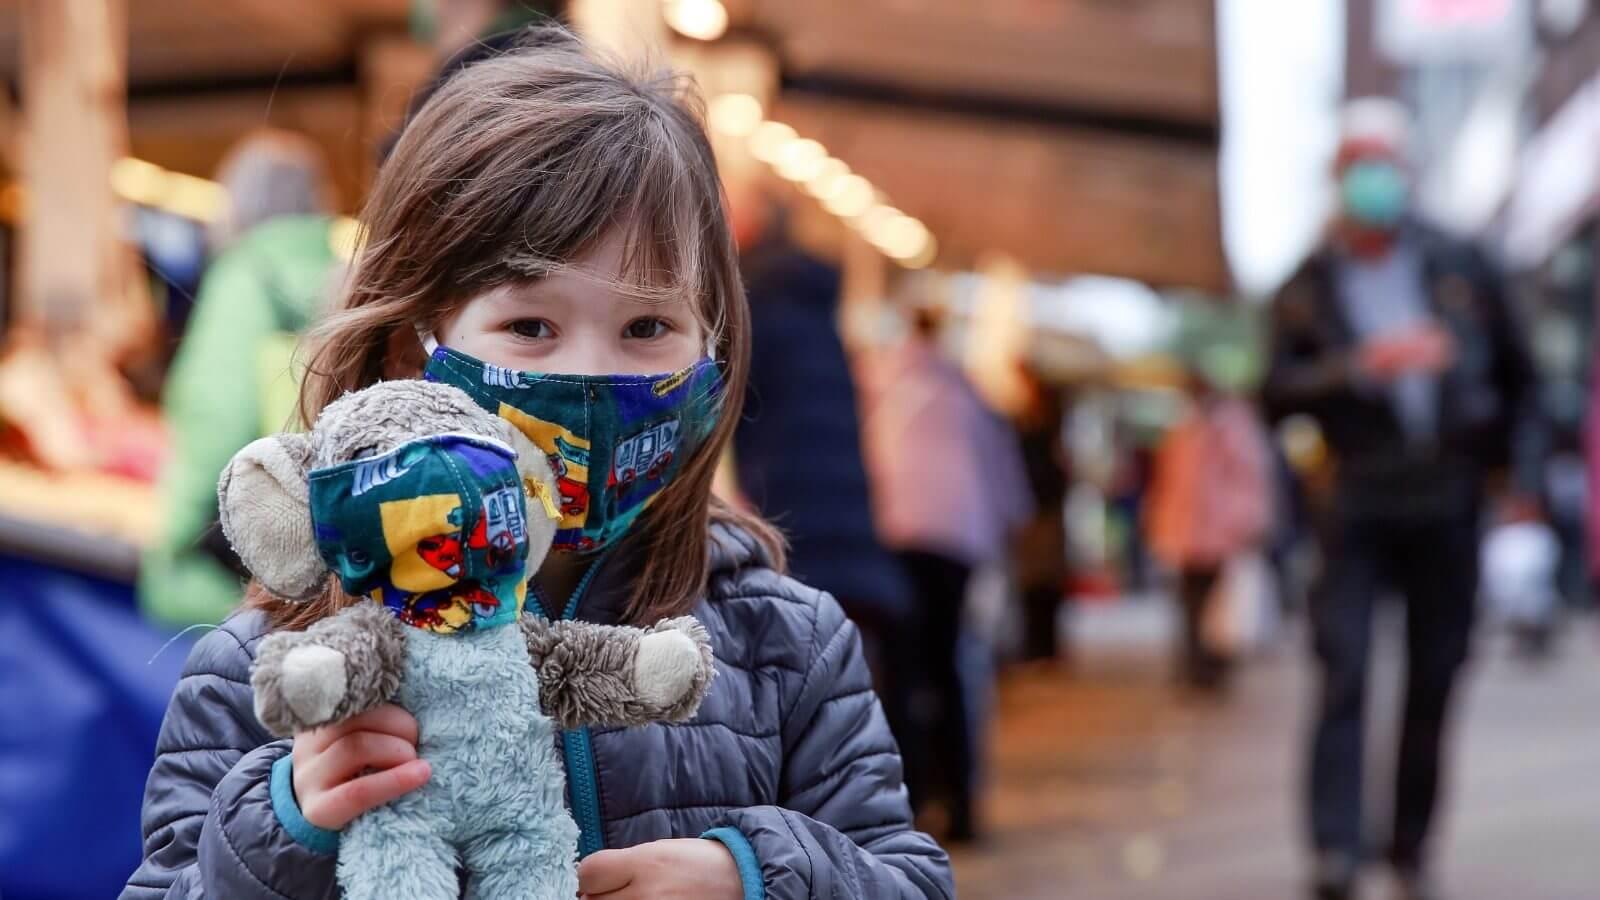 Wien: Keine Belege, dass Kinder mit Lungenpilzinfektion im Krankenhaus liegen, weil sie eine Maske trugen